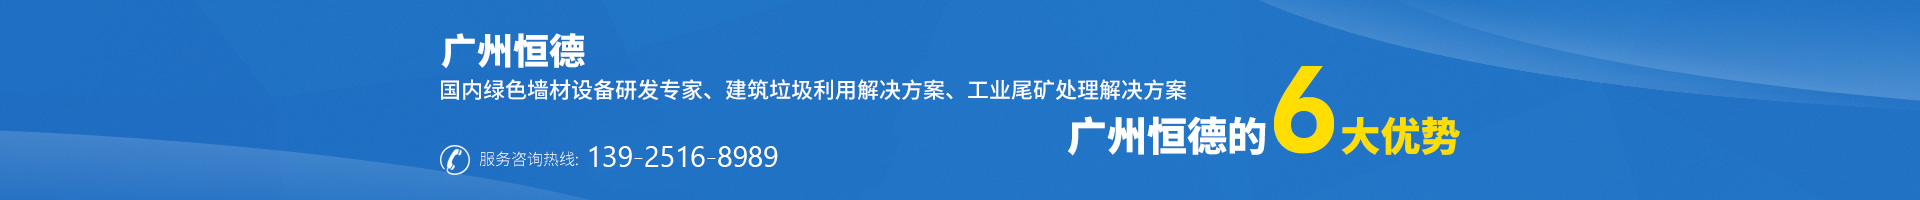 廣州恒德6大優勢